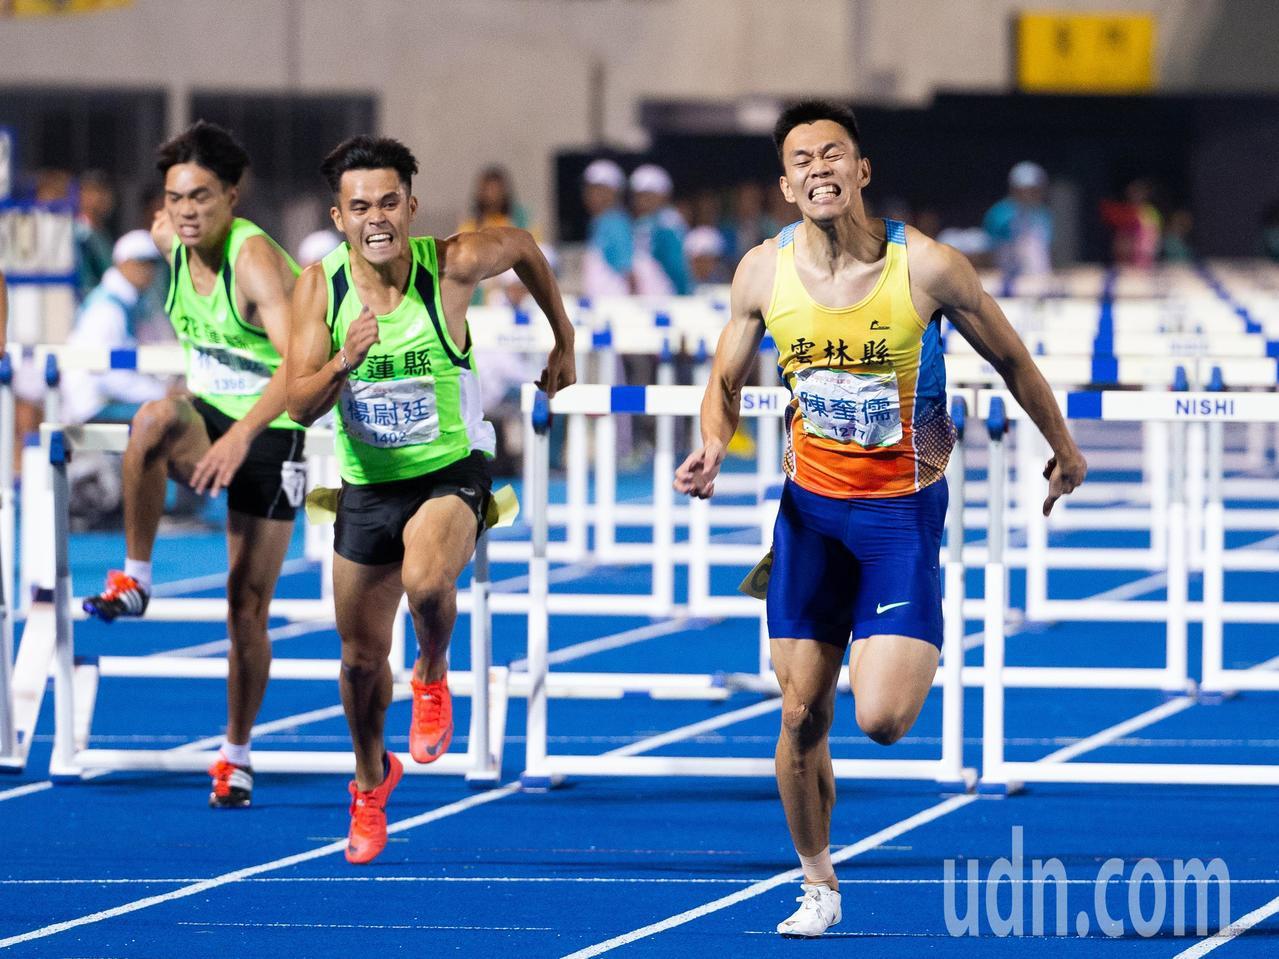 108全運會田徑男子110公尺跨欄決賽,陳奎儒(右一)以13秒36破大會紀錄奪得...